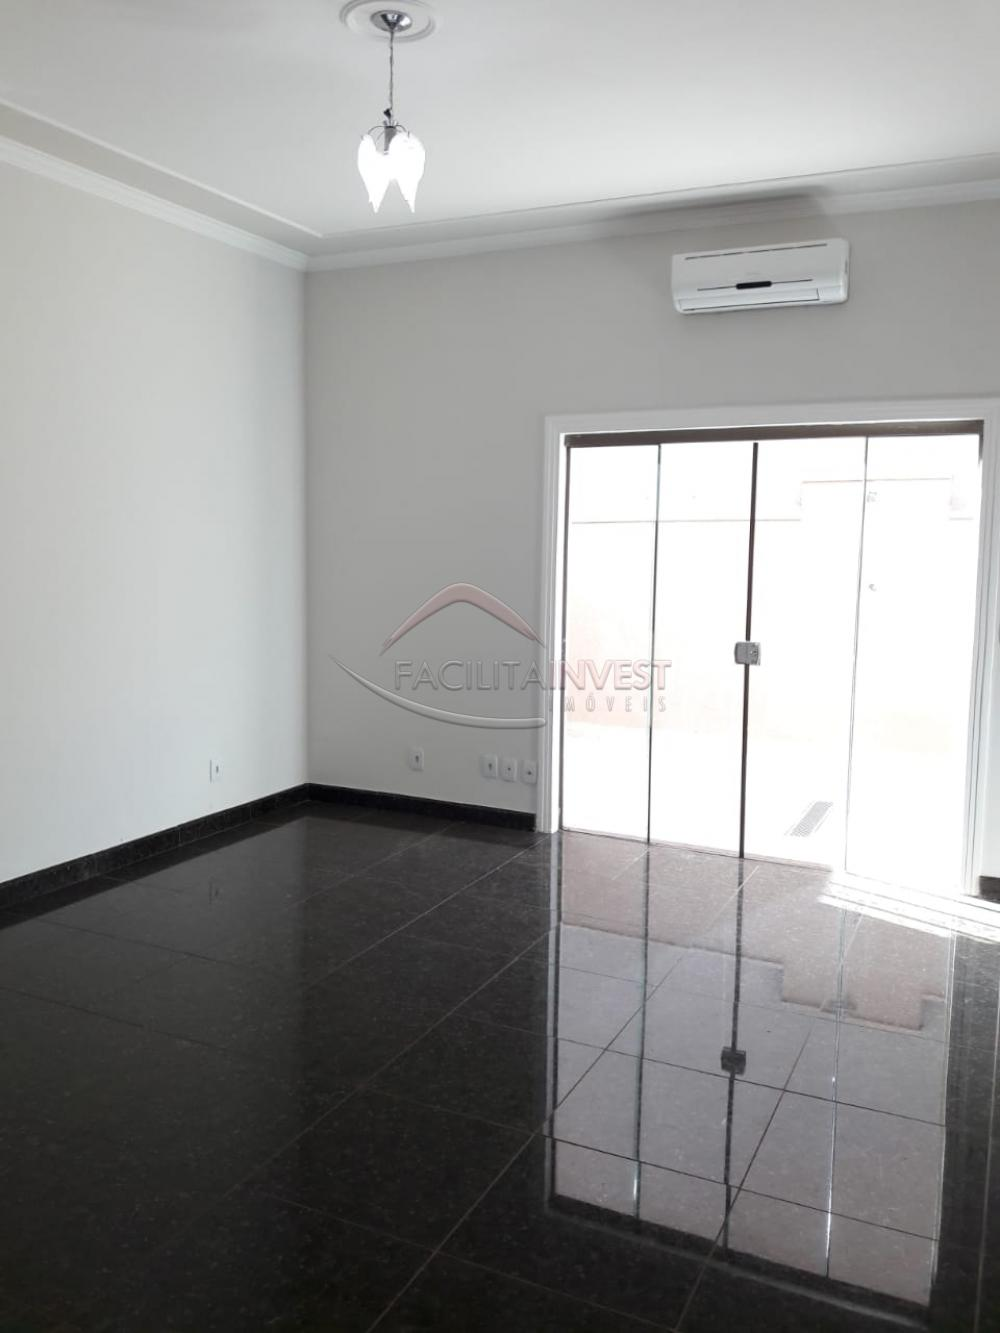 Alugar Casa Condomínio / Casa Condomínio em Ribeirão Preto R$ 3.600,00 - Foto 13